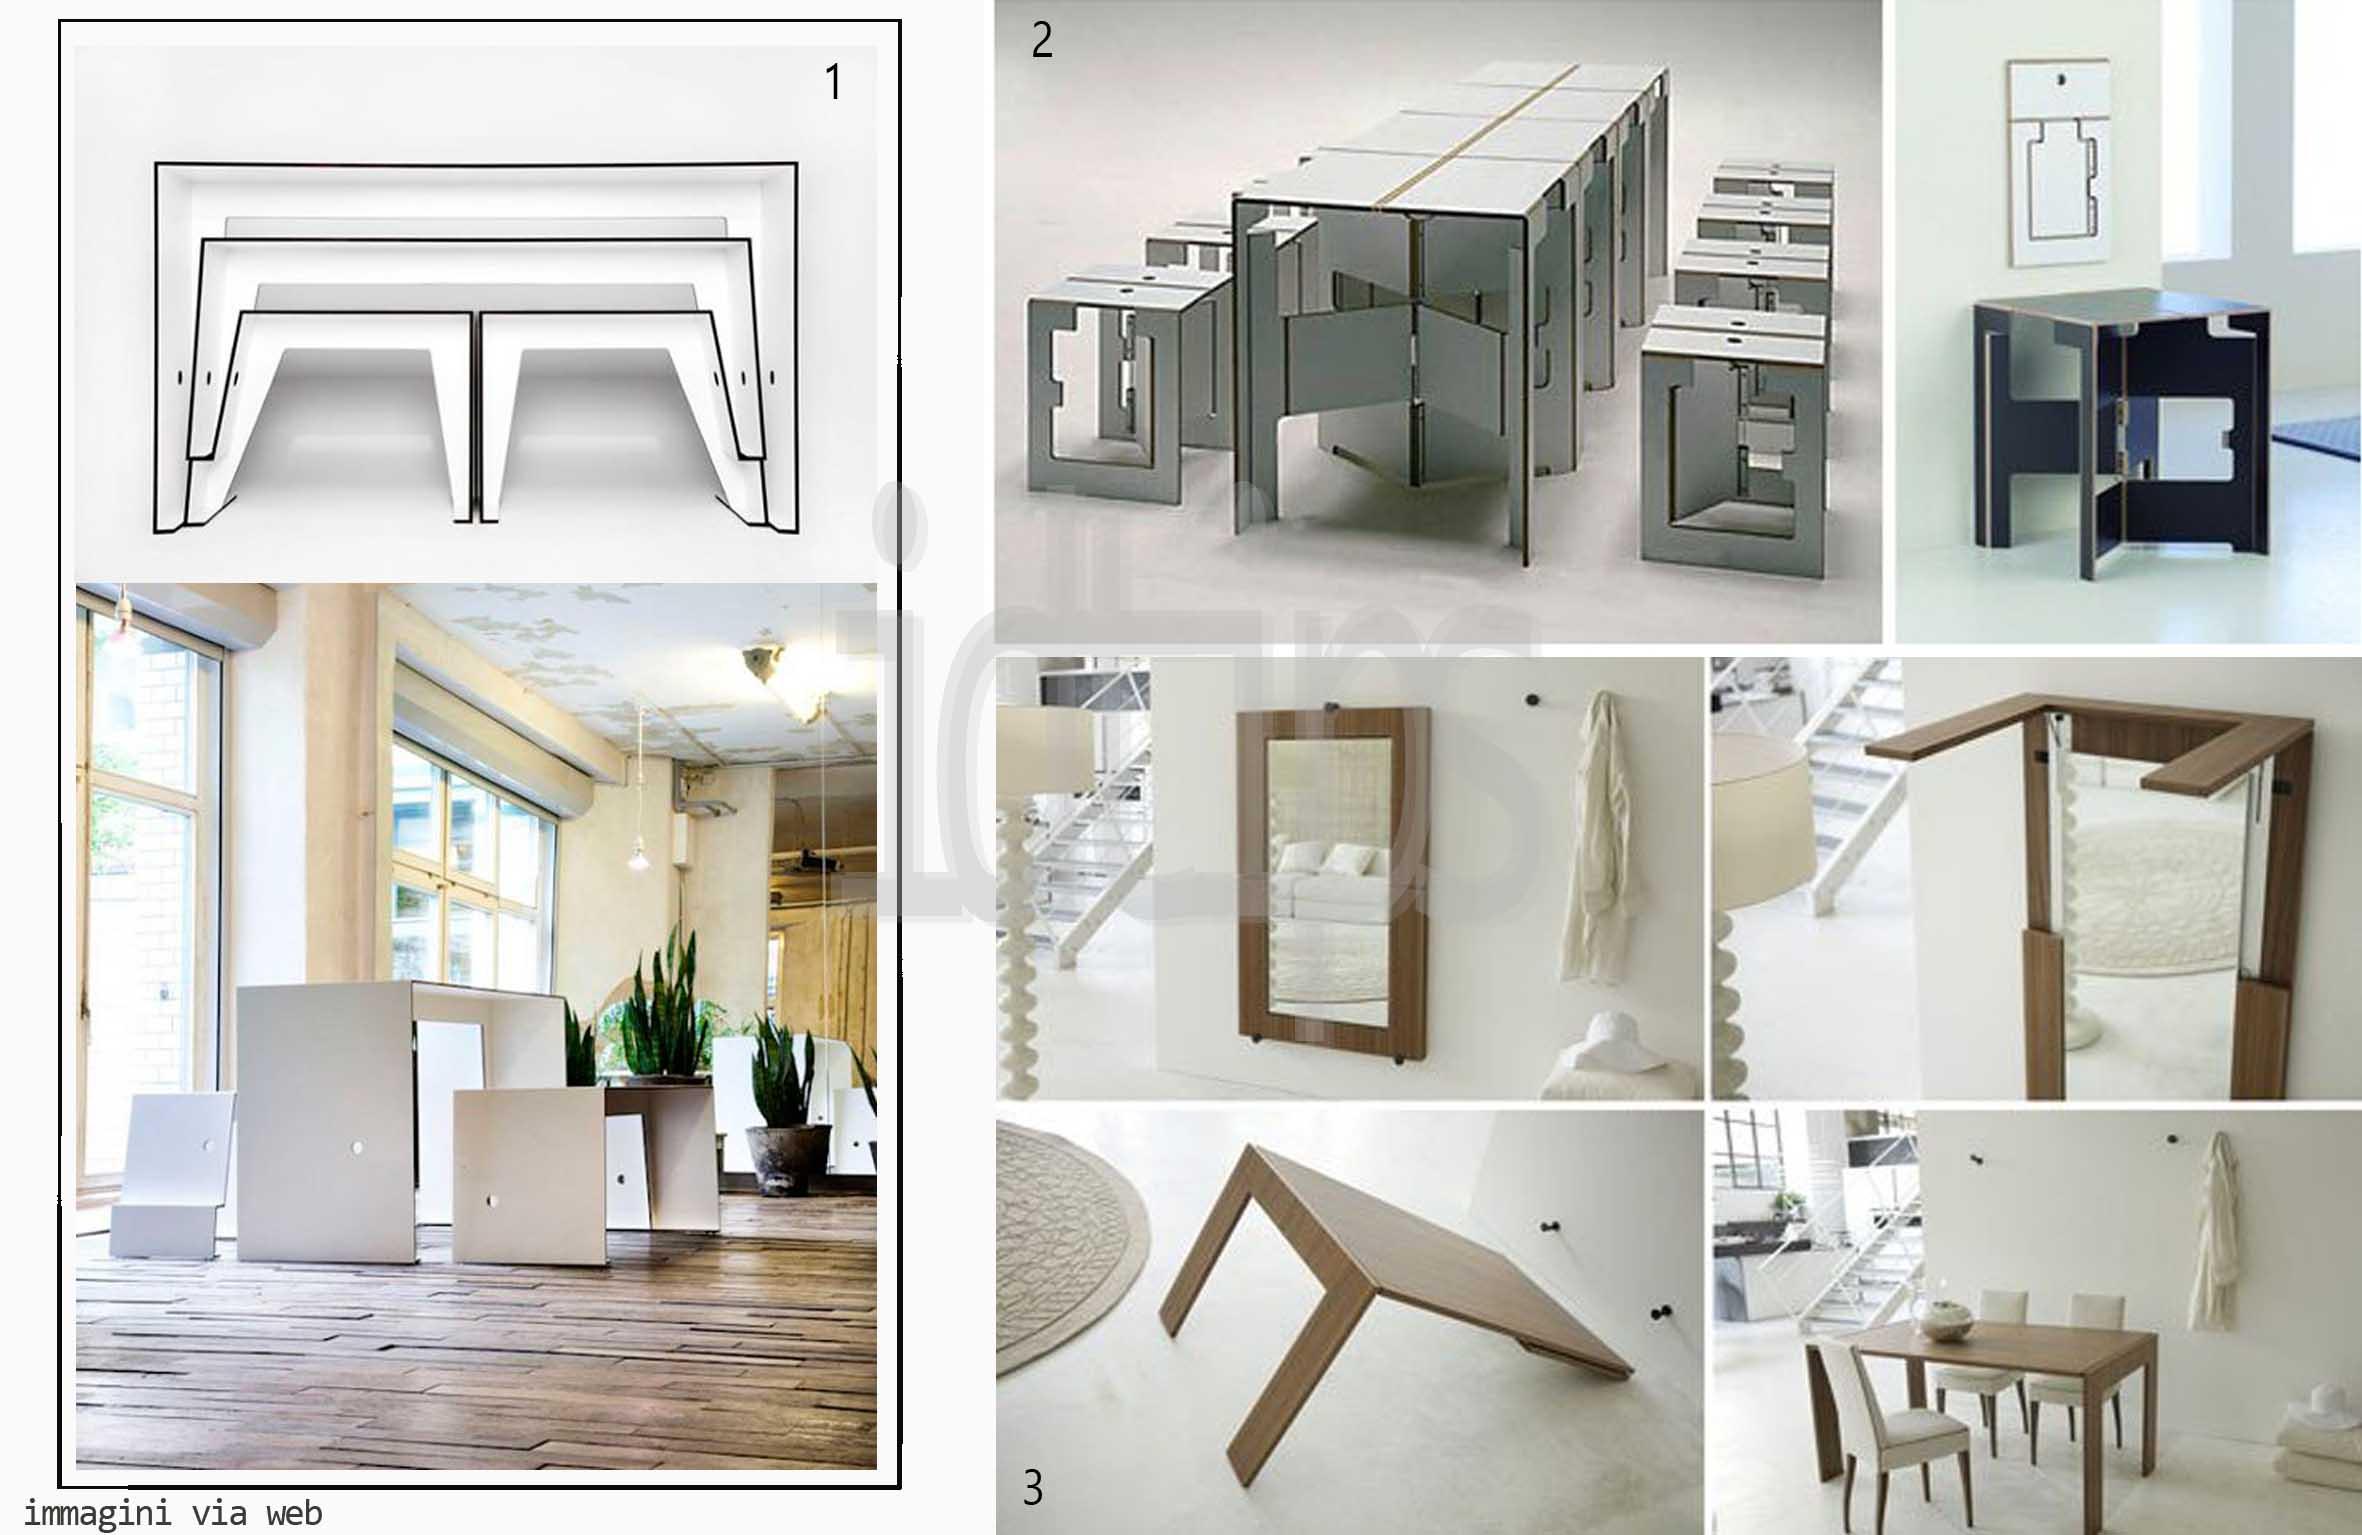 Piccoli spazi grandi idee id tips interior design for Piccoli spazi